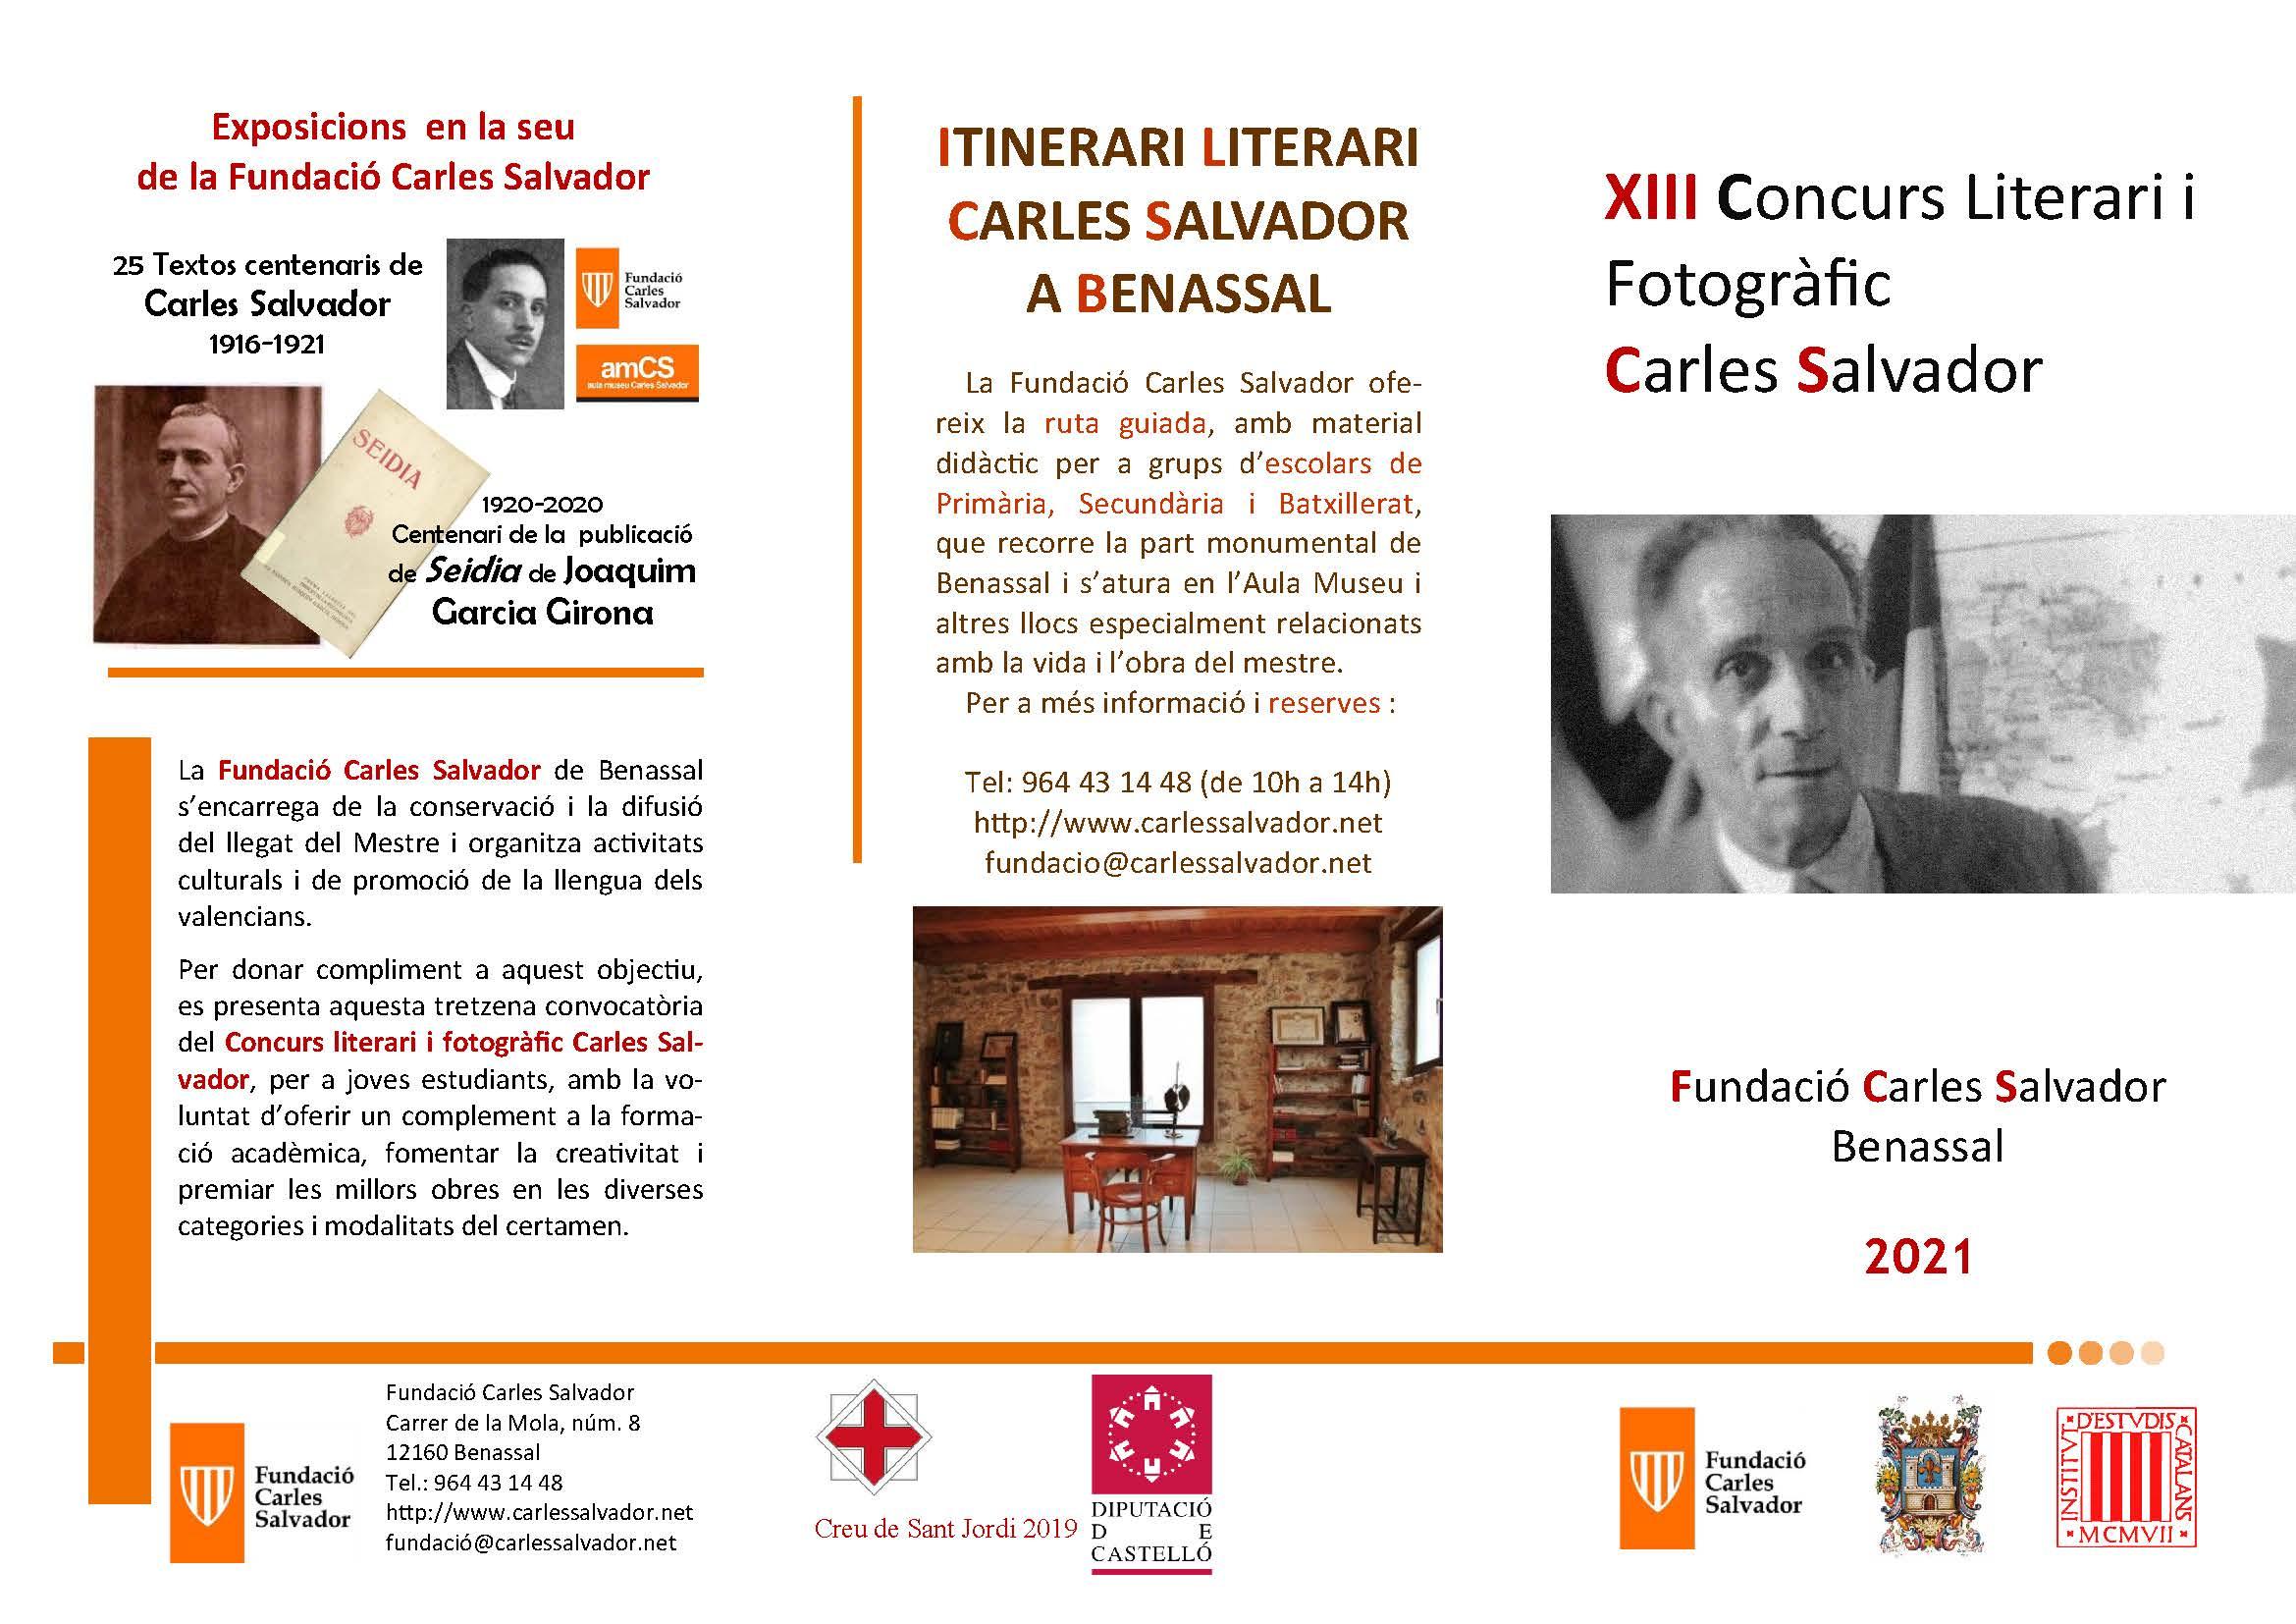 Obert el termini de participació de la tretzena edició del Concurs Literari i Fotogràfic Carles Salvador